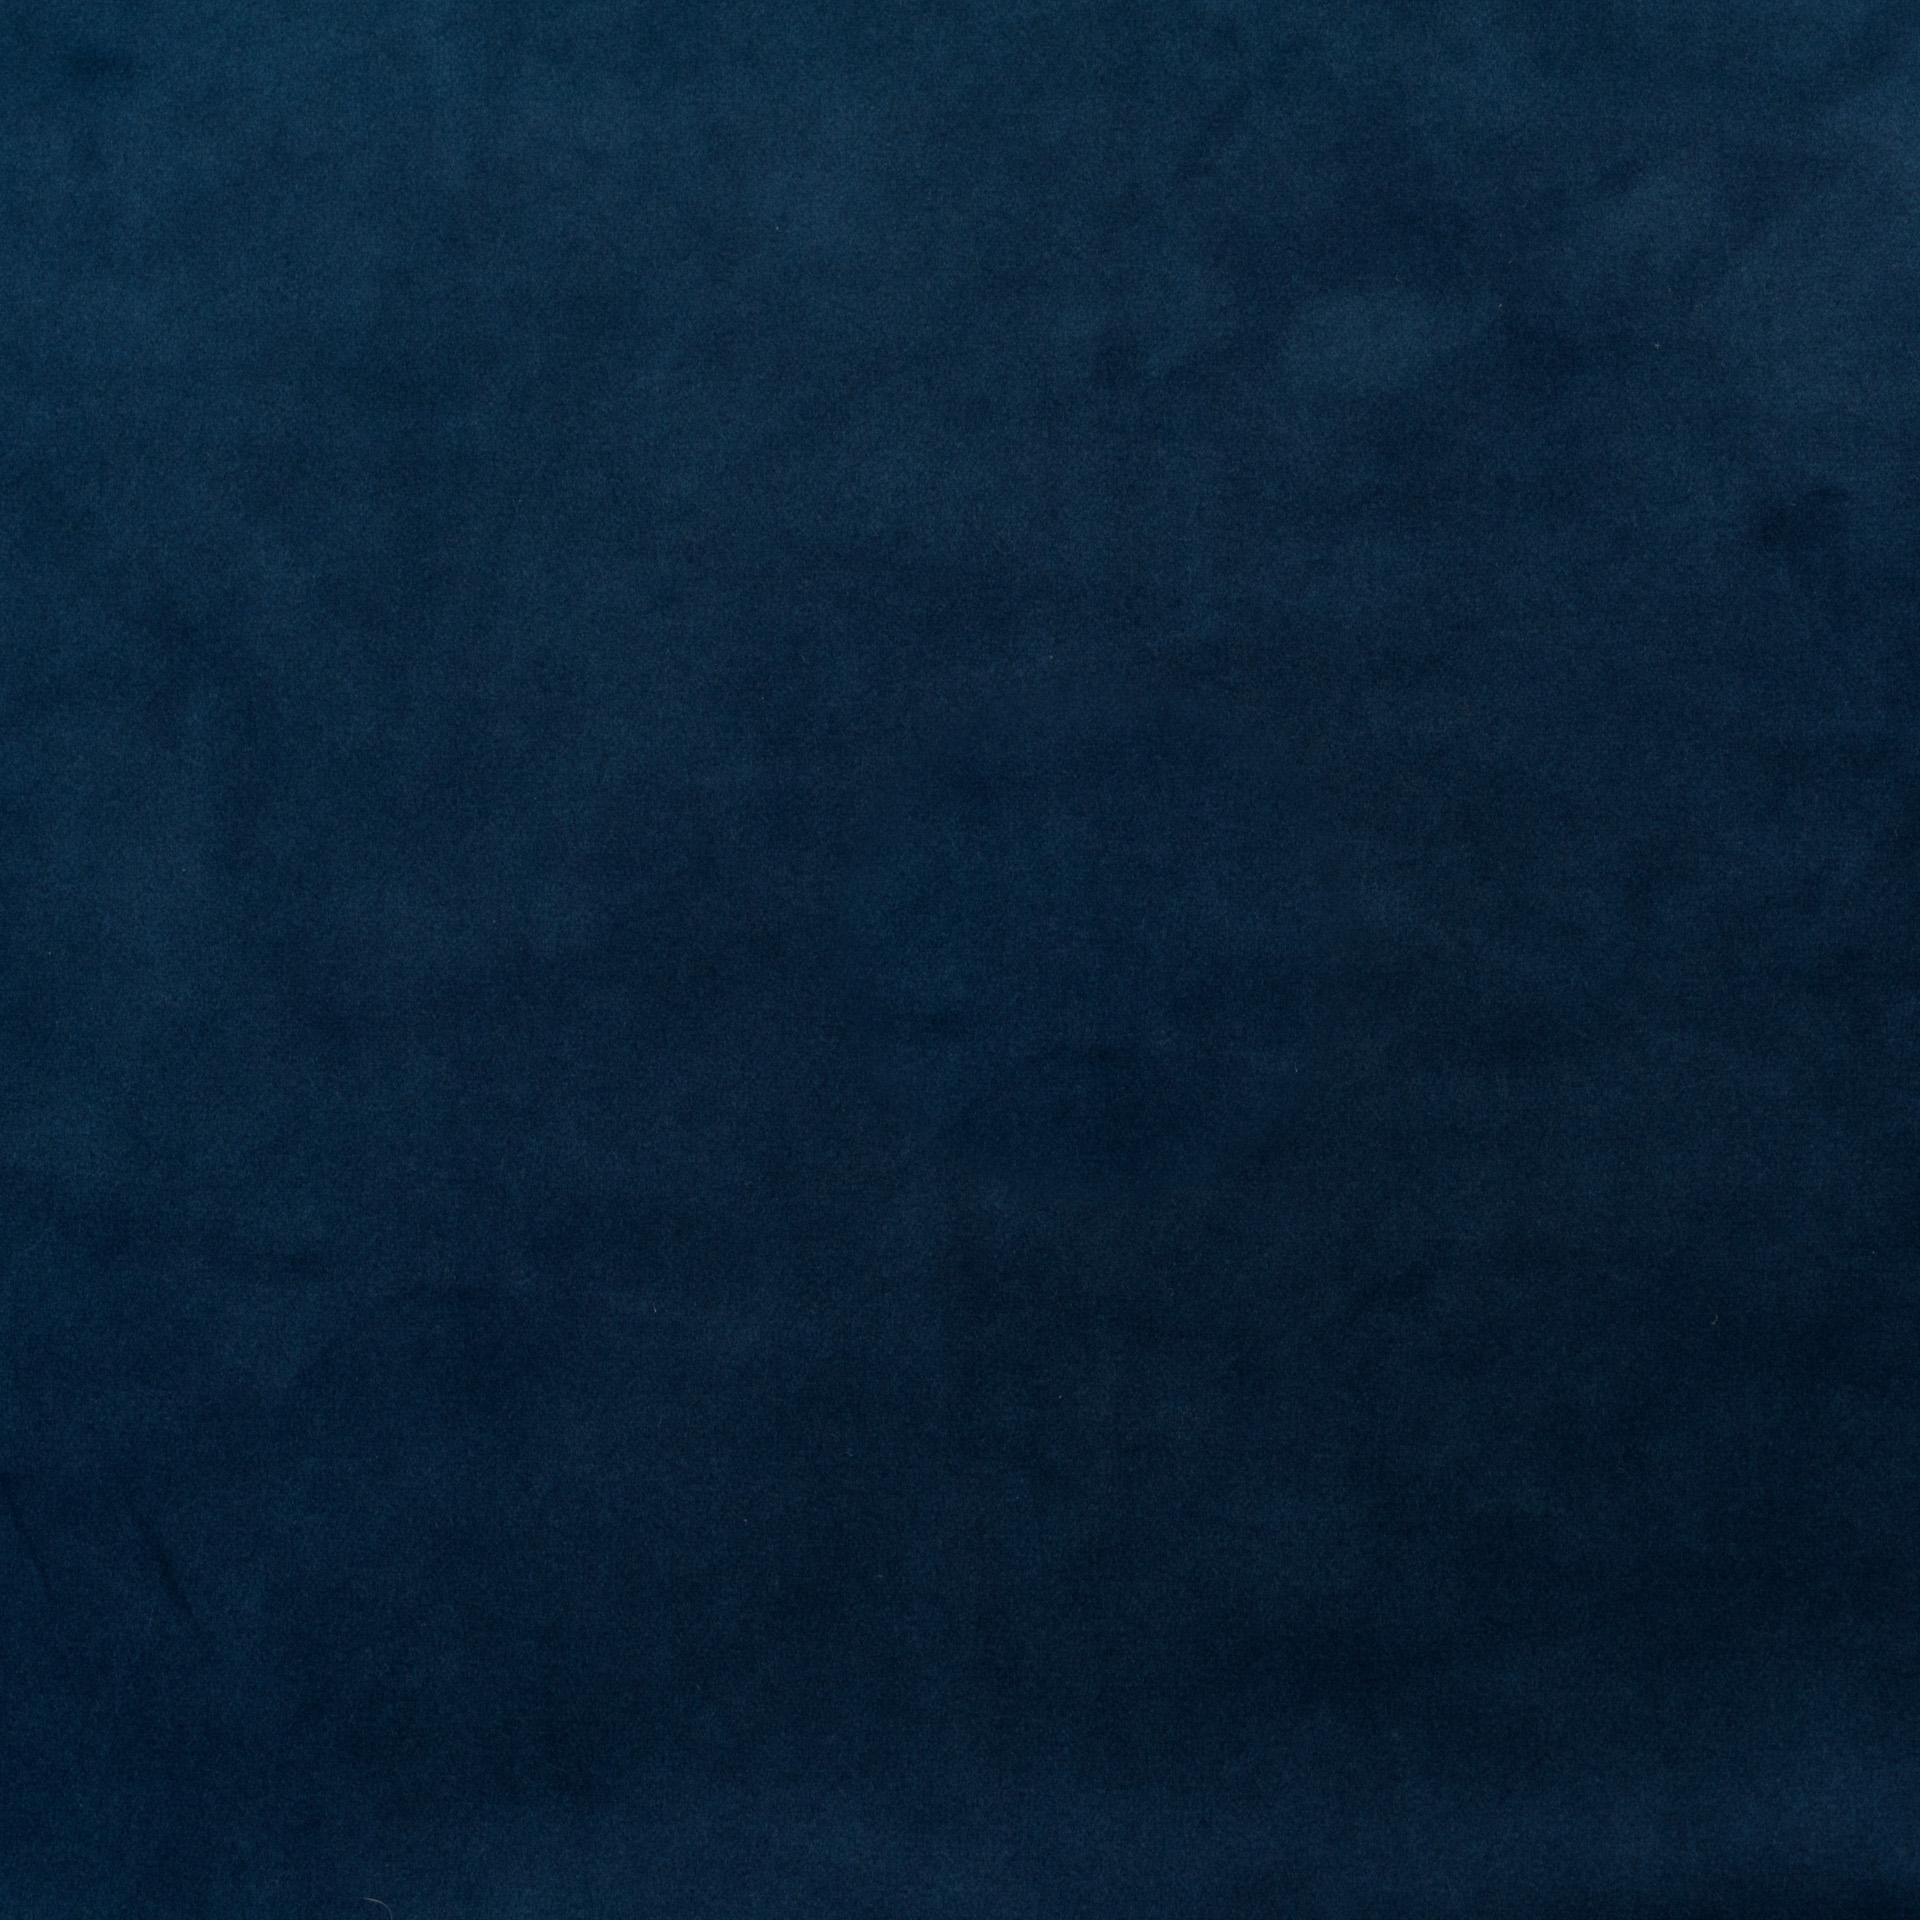 Коллекция ткани Альмира 20 MONACO BLUE,  купить ткань Велюр для мебели Украина